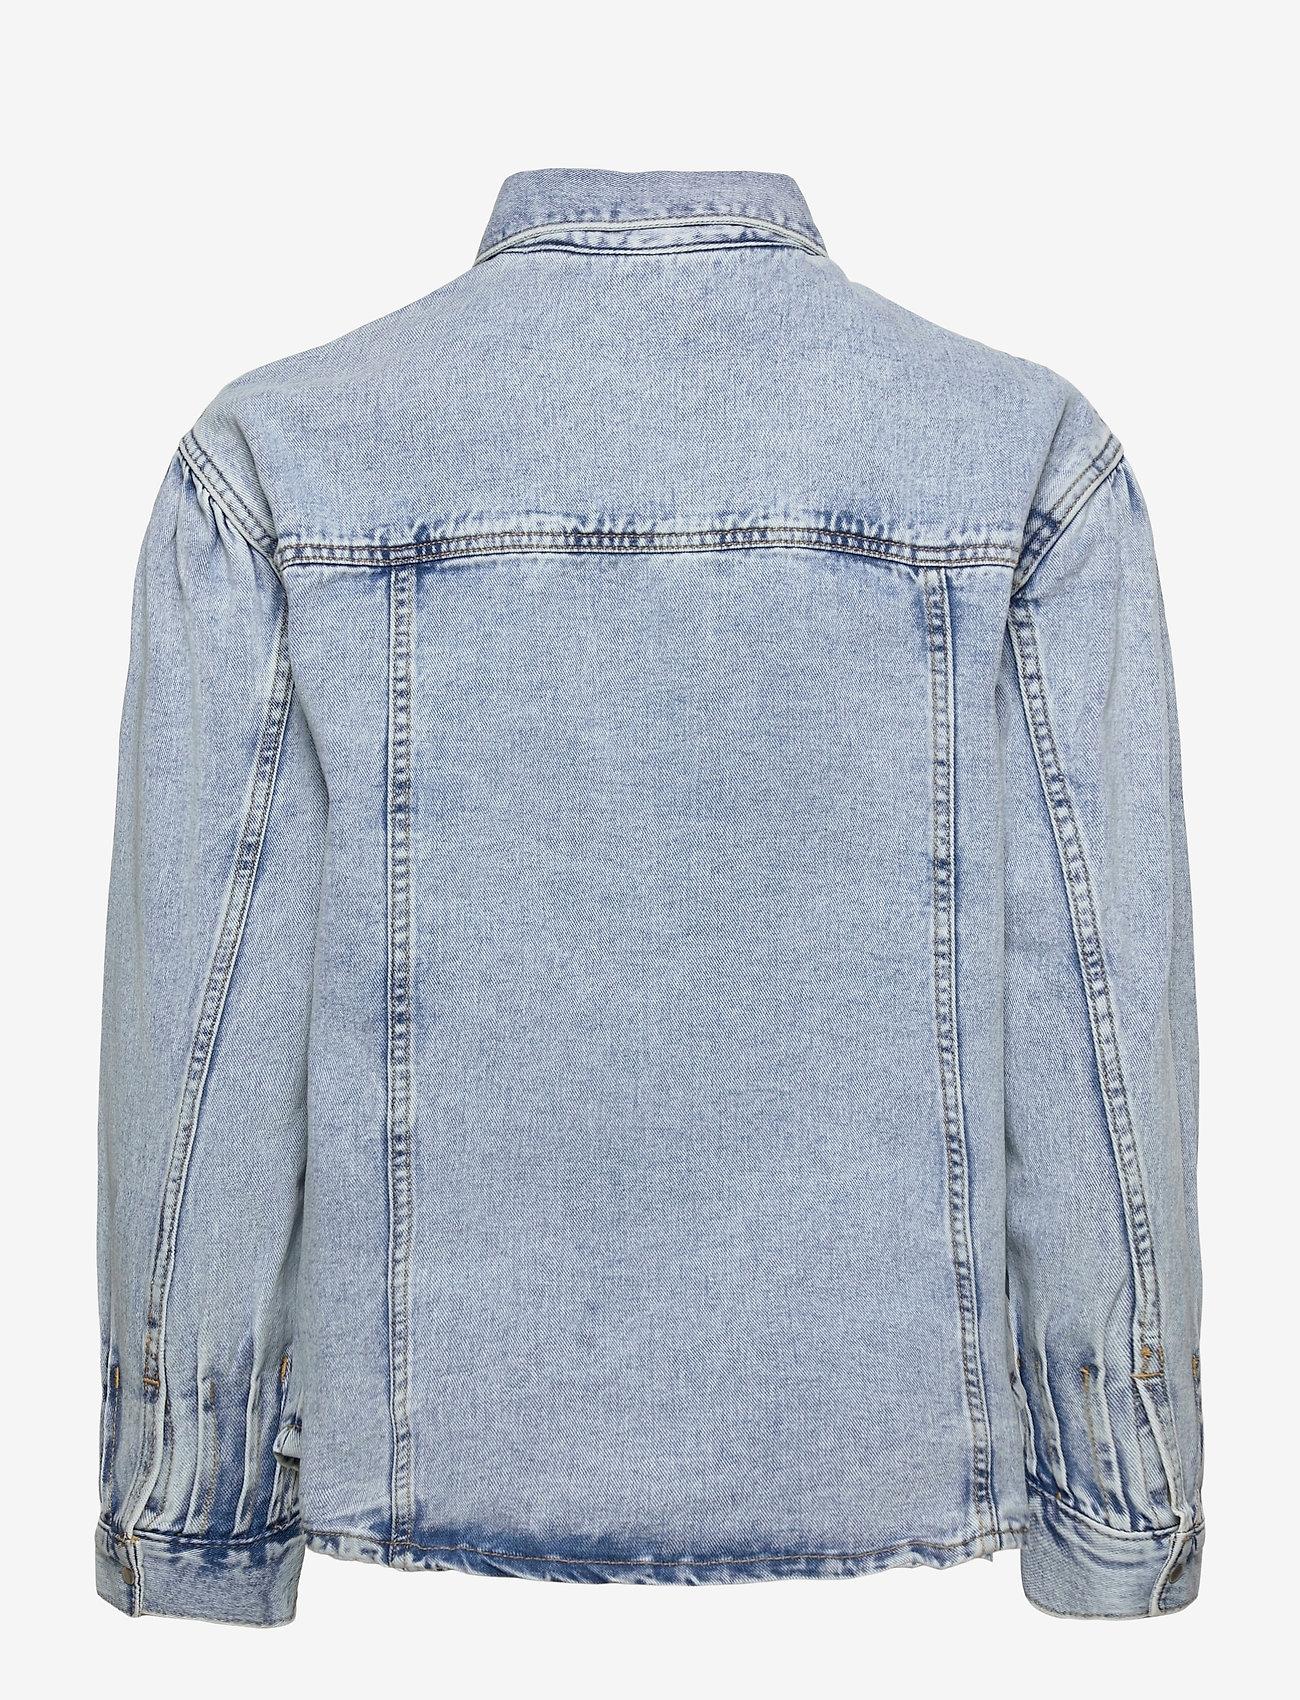 b.young - BYLYRA SHIRT - - kläder - ligth blue denim - 1